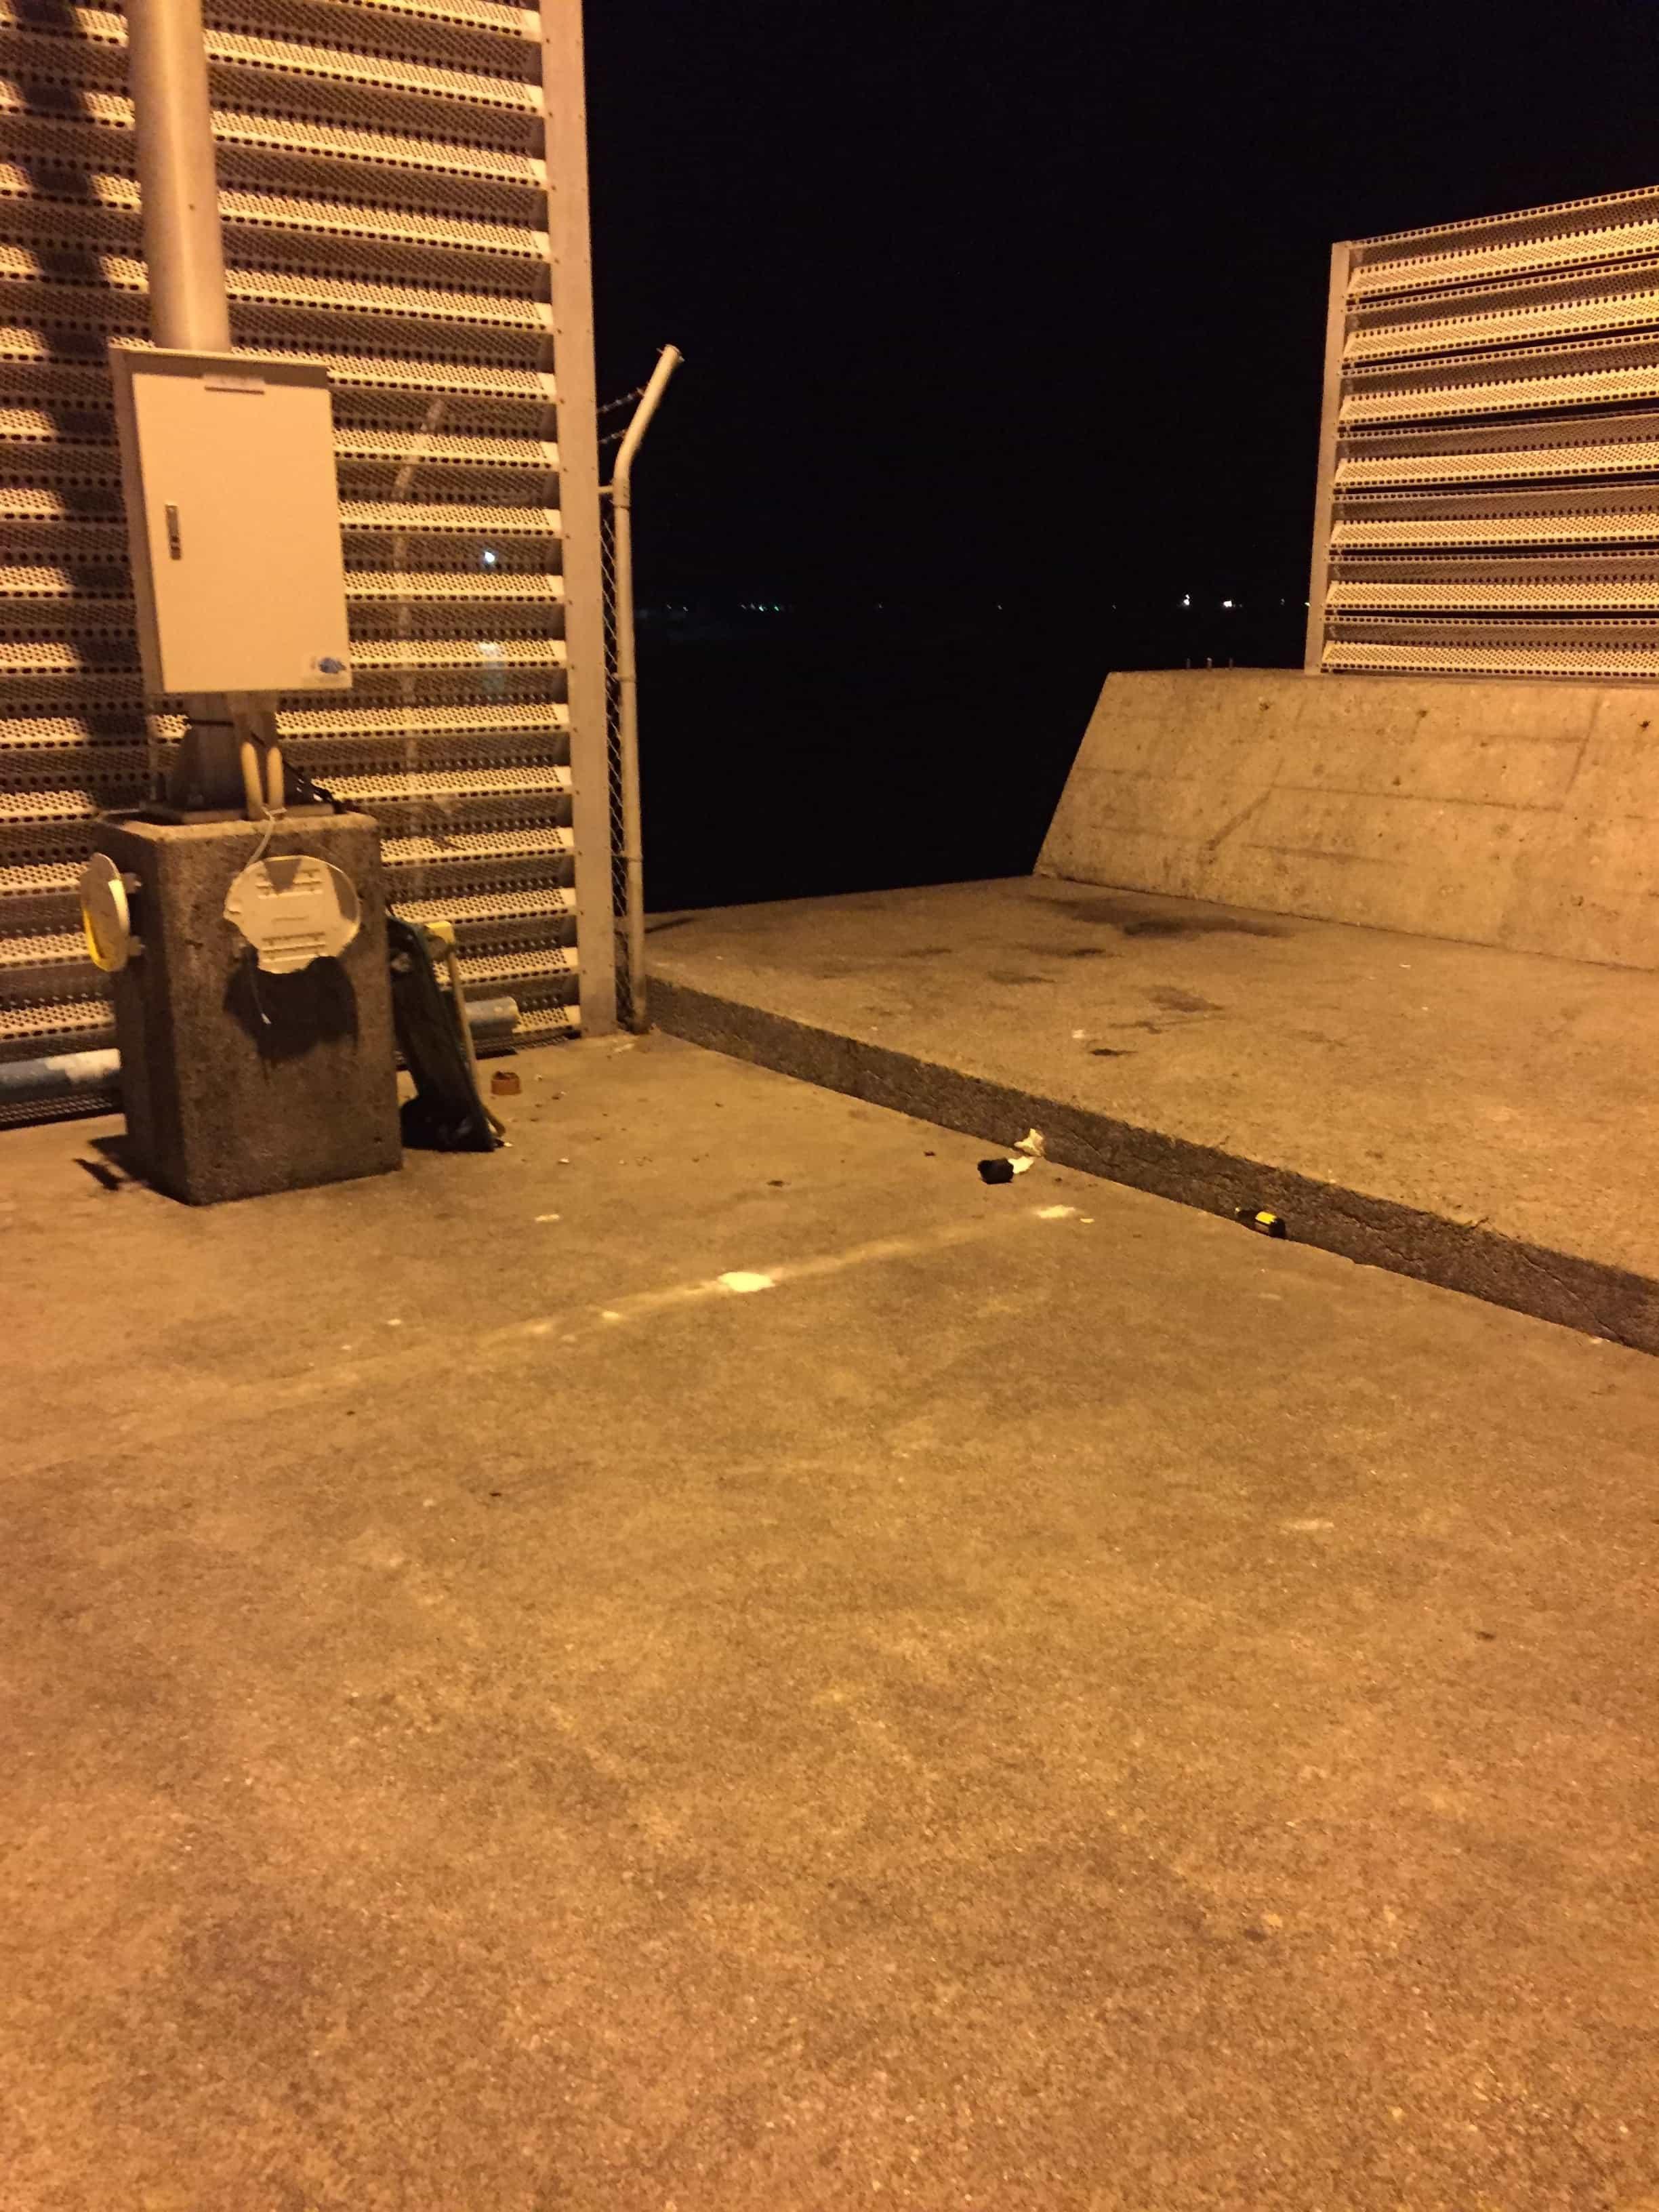 串本漁港の常夜灯ポイントの釣り場紹介(和歌山県串本)常夜灯でナイトエギング